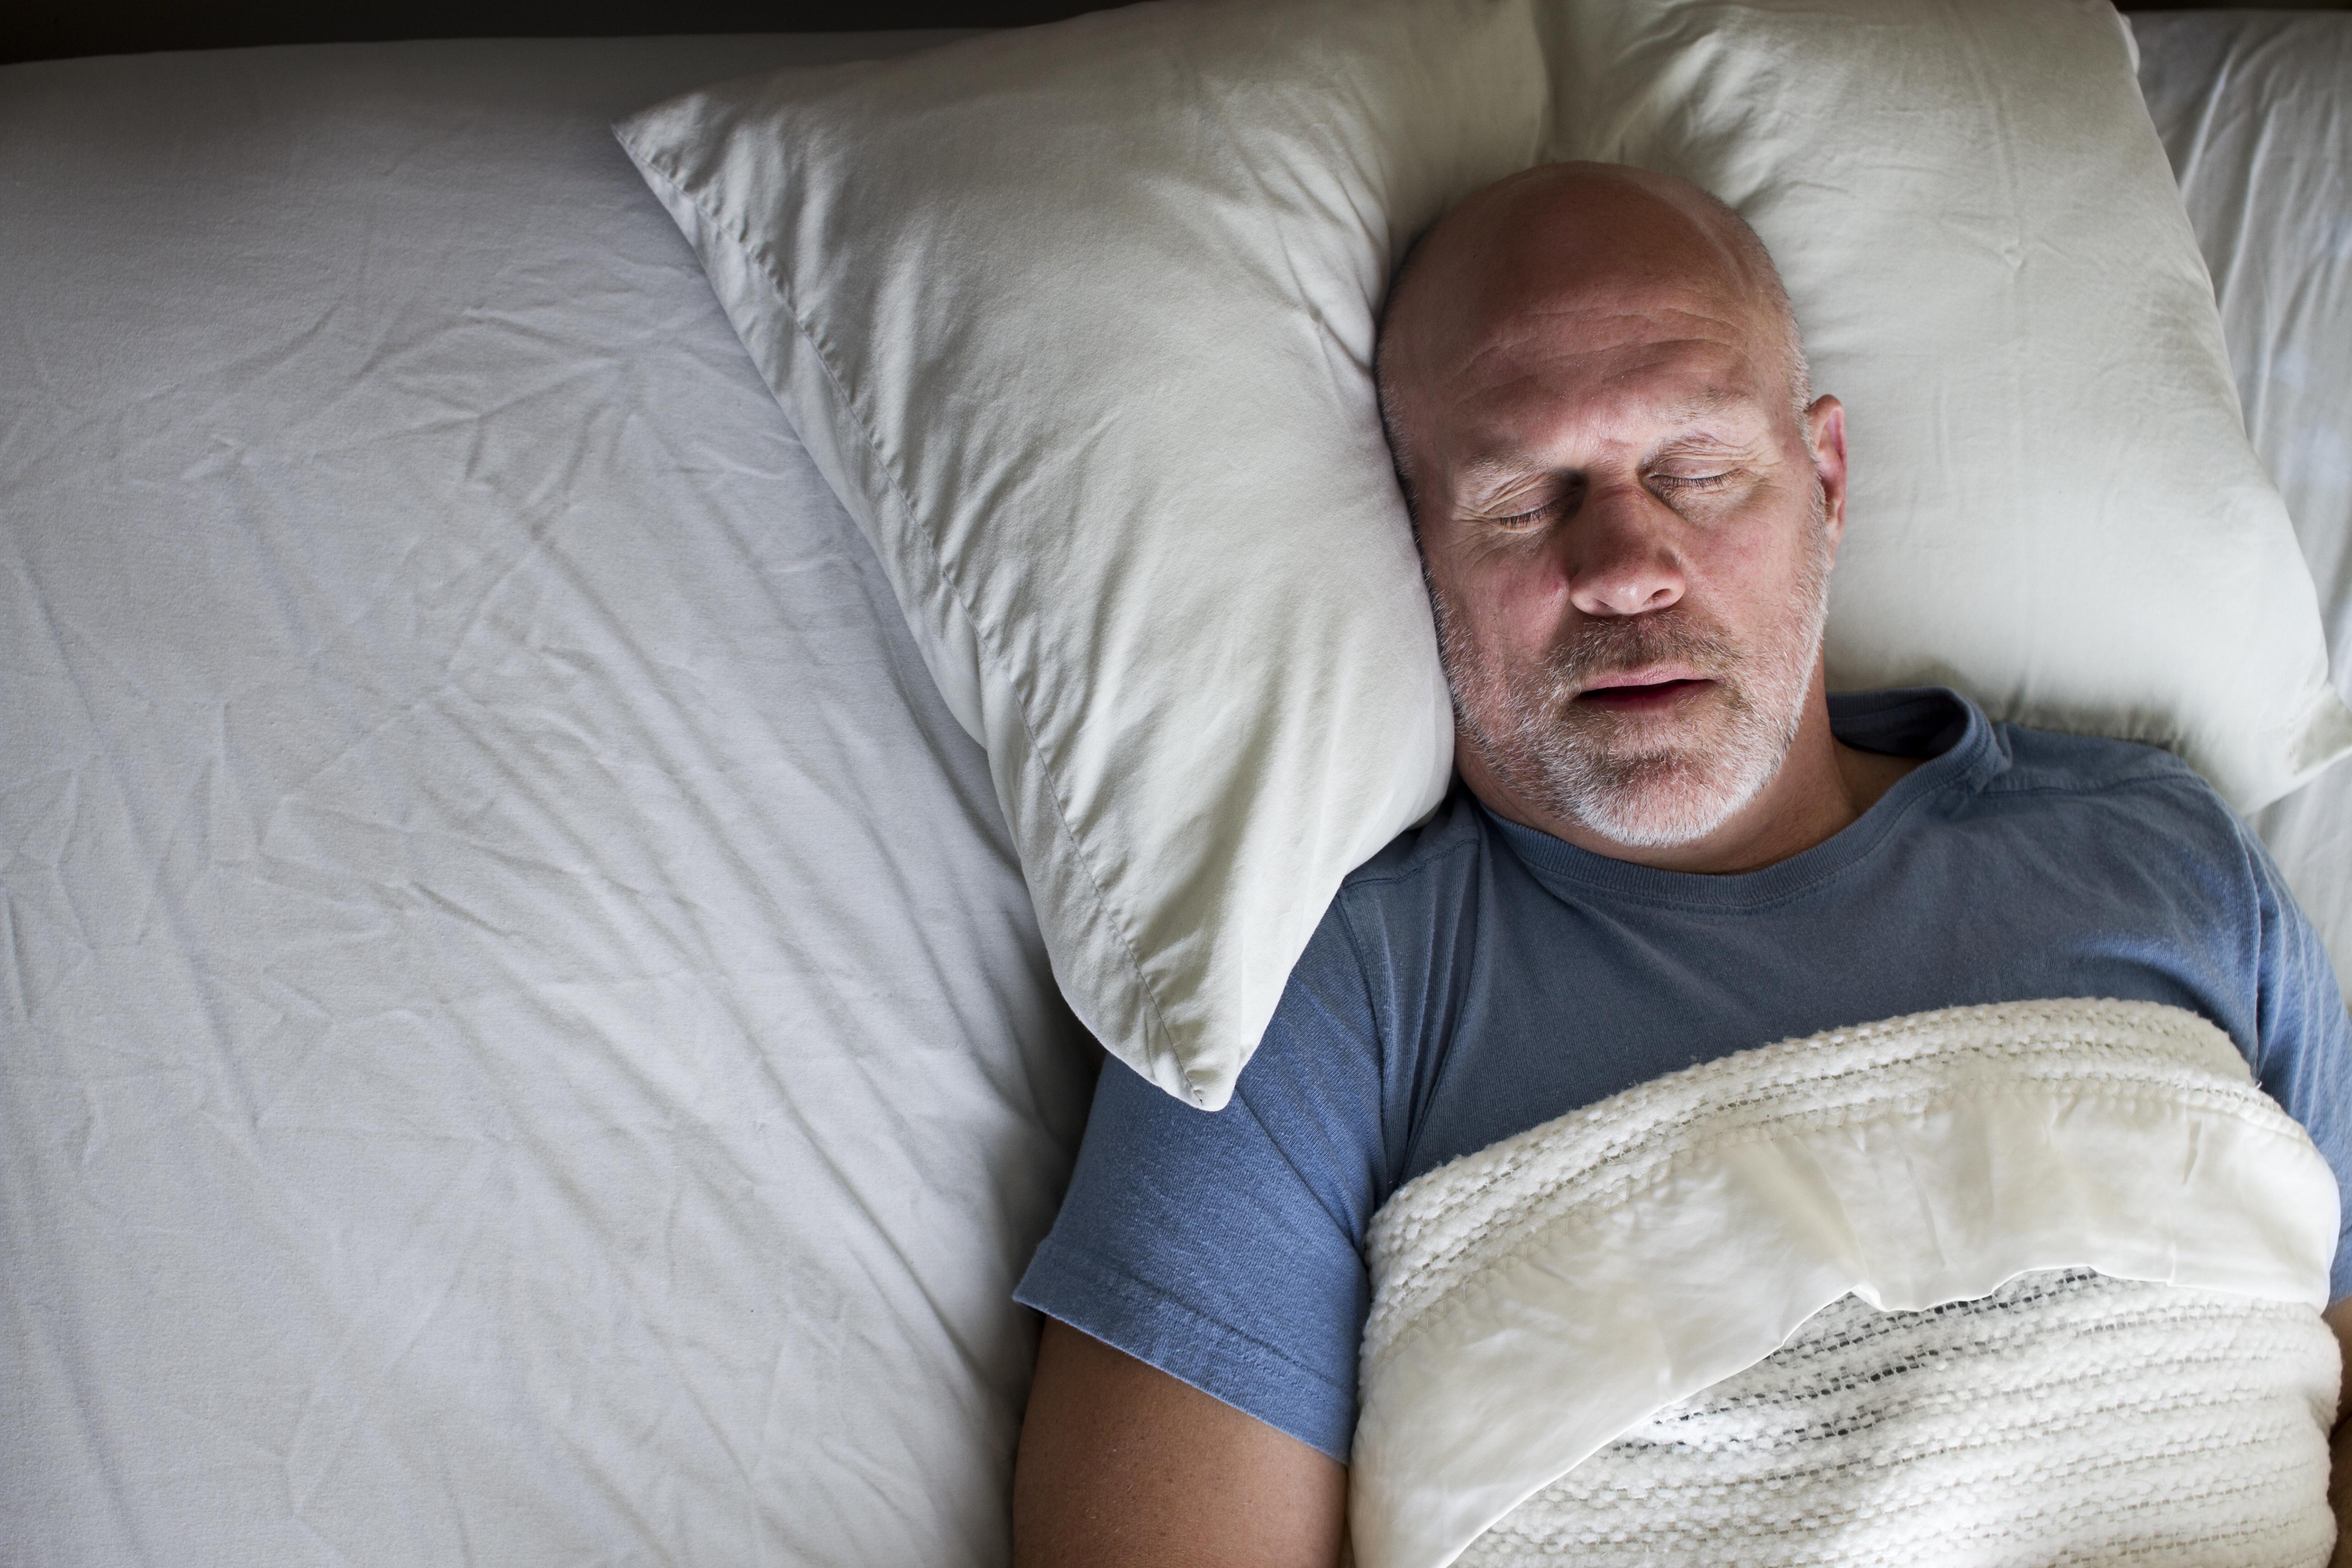 Un test très simple détecte l'apnée du sommeil - Planete sante